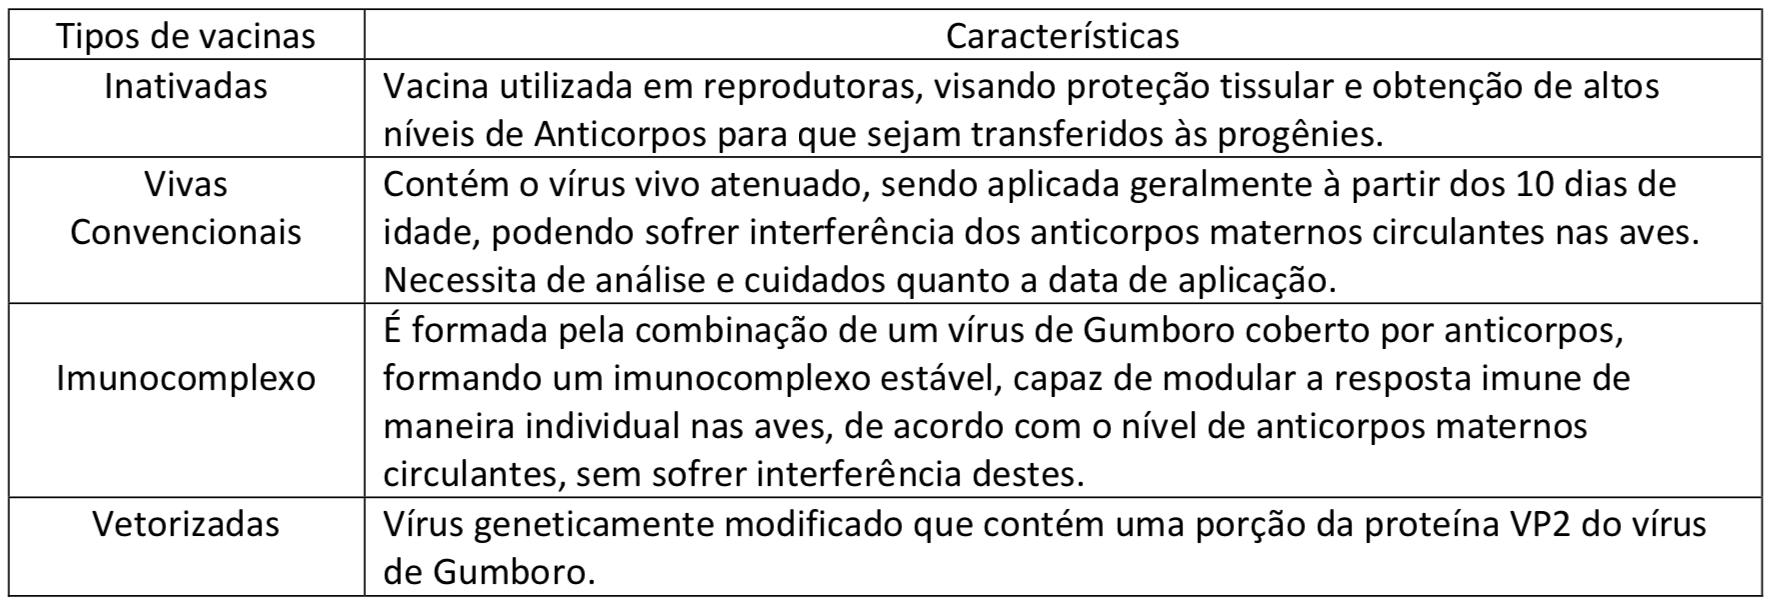 Tipos de vacinas e suas características.